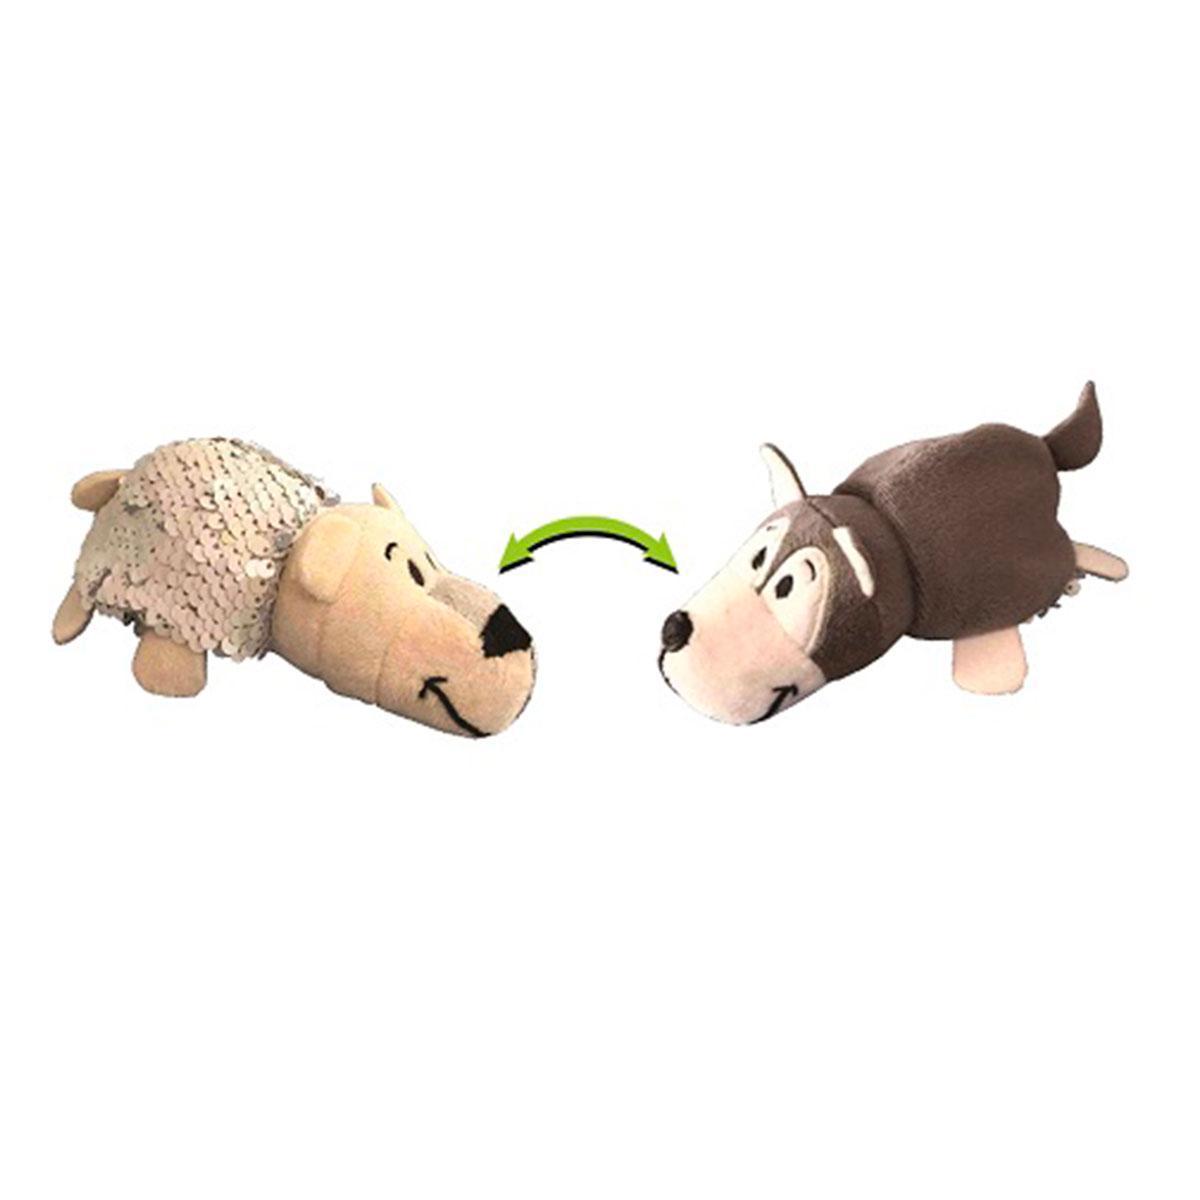 М'яка Іграшка з паєтками 2 В 1 - ZooPrяtki - Хаскі-Полярний Ведмідь (12 Cm)